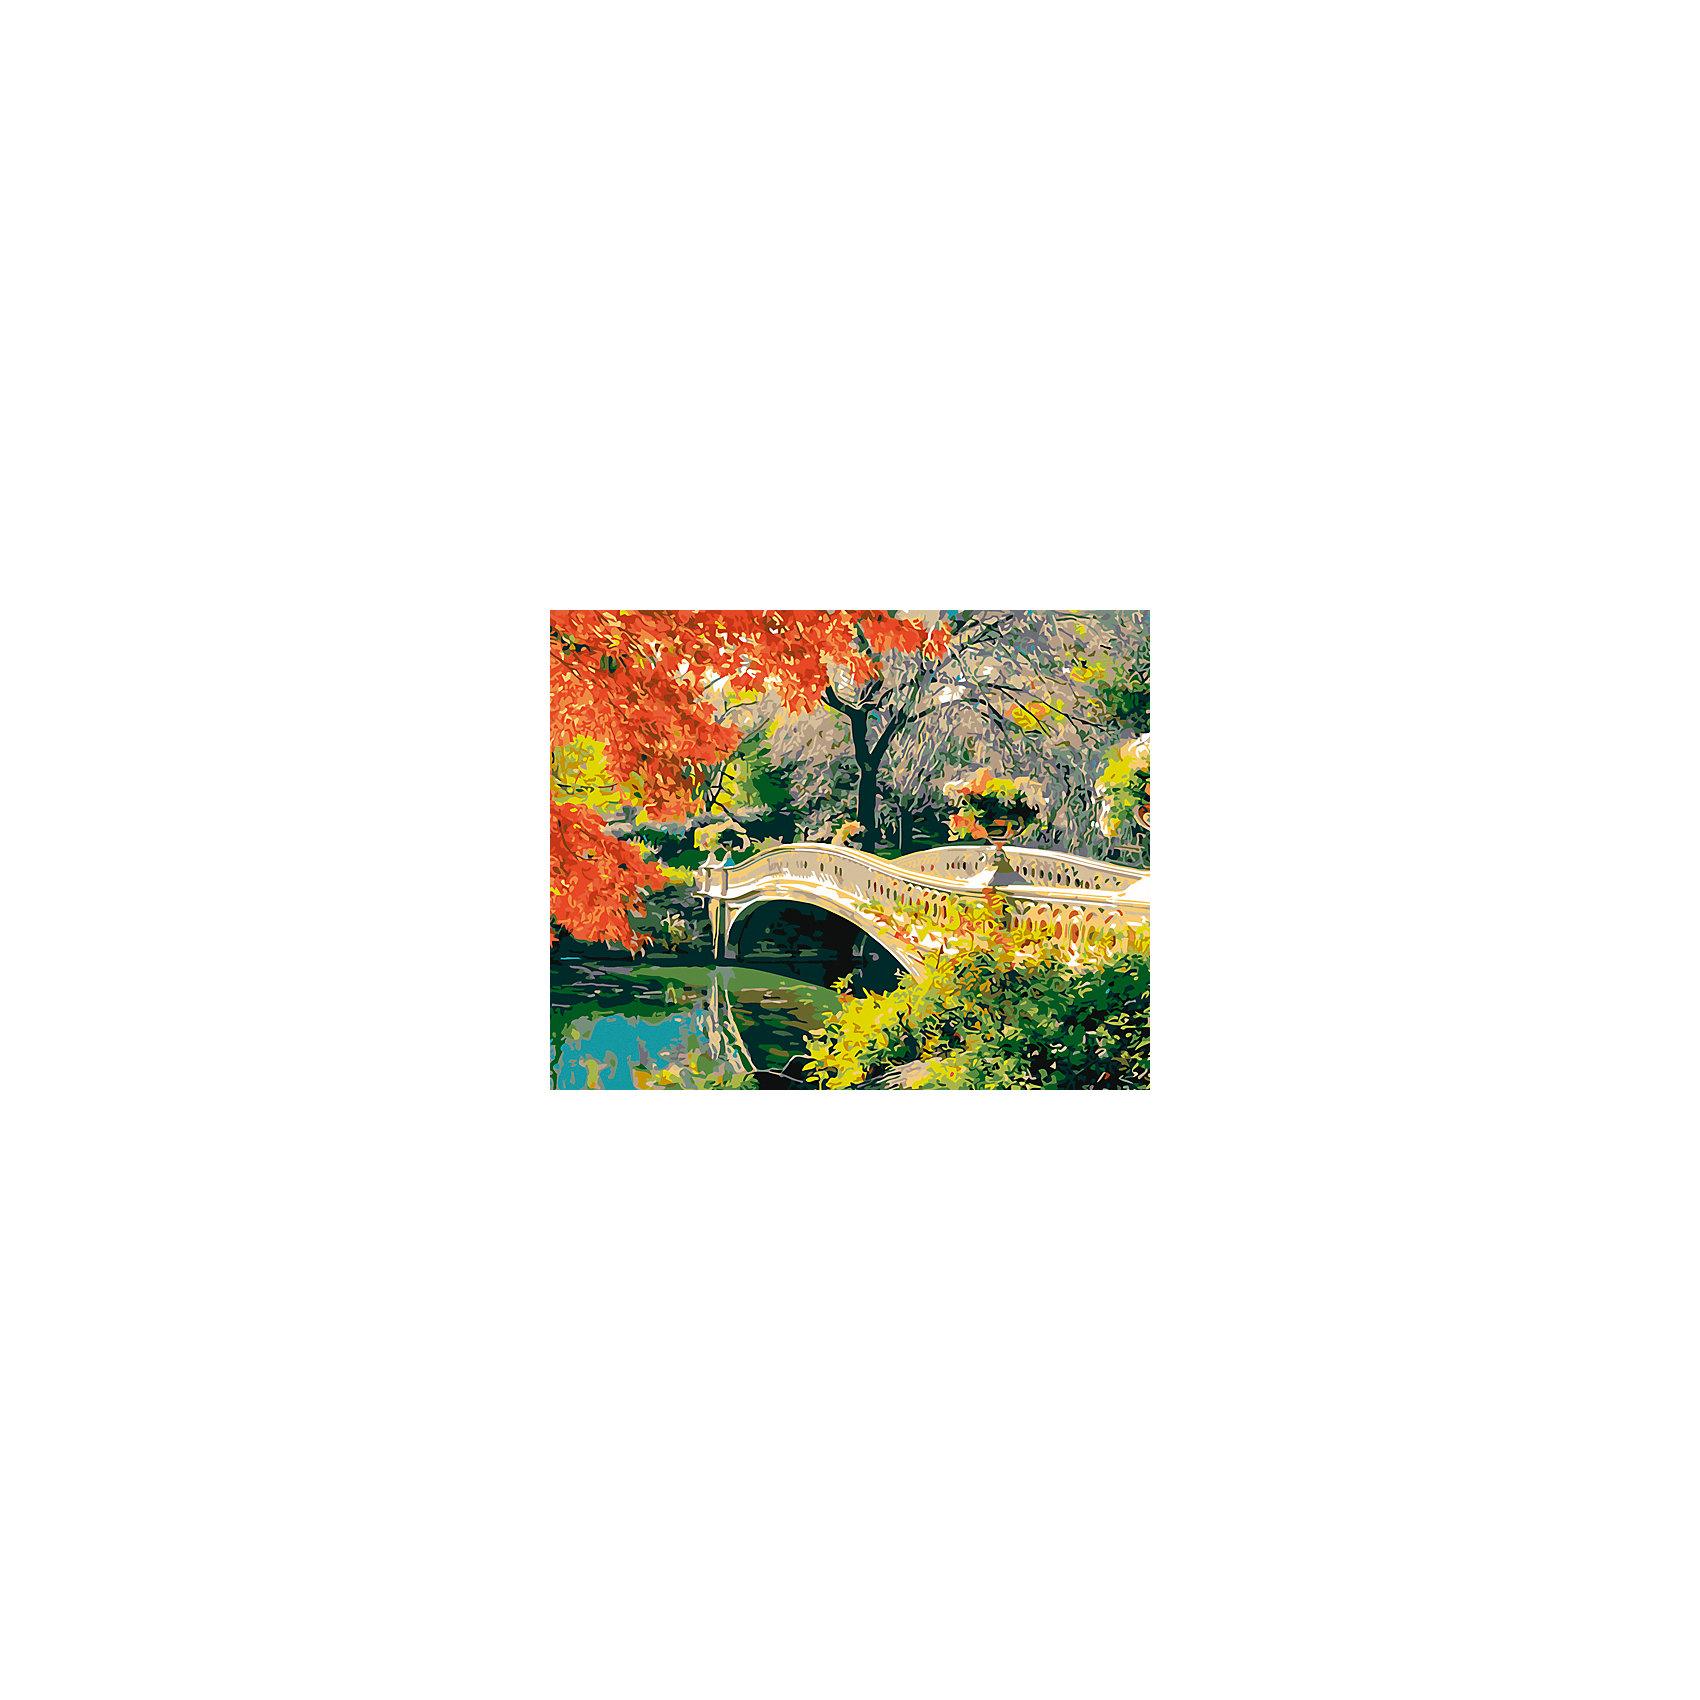 Холст с красками по номерам Романтичный мост 40х50 смРисование<br>замечательные наборы для создания уникального шедевра изобразительного искусства. Создание картин на специально подготовленной рабочей поверхности – это уникальная техника, позволяющая делать Ваши шедевры более яркими и реалистичными. Просто нанесите мазки на уже готовый эскиз и оживите картину! Готовые изделия могут стать украшением интерьера или прекрасным подарком близким и друзьям.<br><br>Ширина мм: 510<br>Глубина мм: 410<br>Высота мм: 25<br>Вес г: 900<br>Возраст от месяцев: 36<br>Возраст до месяцев: 108<br>Пол: Унисекс<br>Возраст: Детский<br>SKU: 5096784